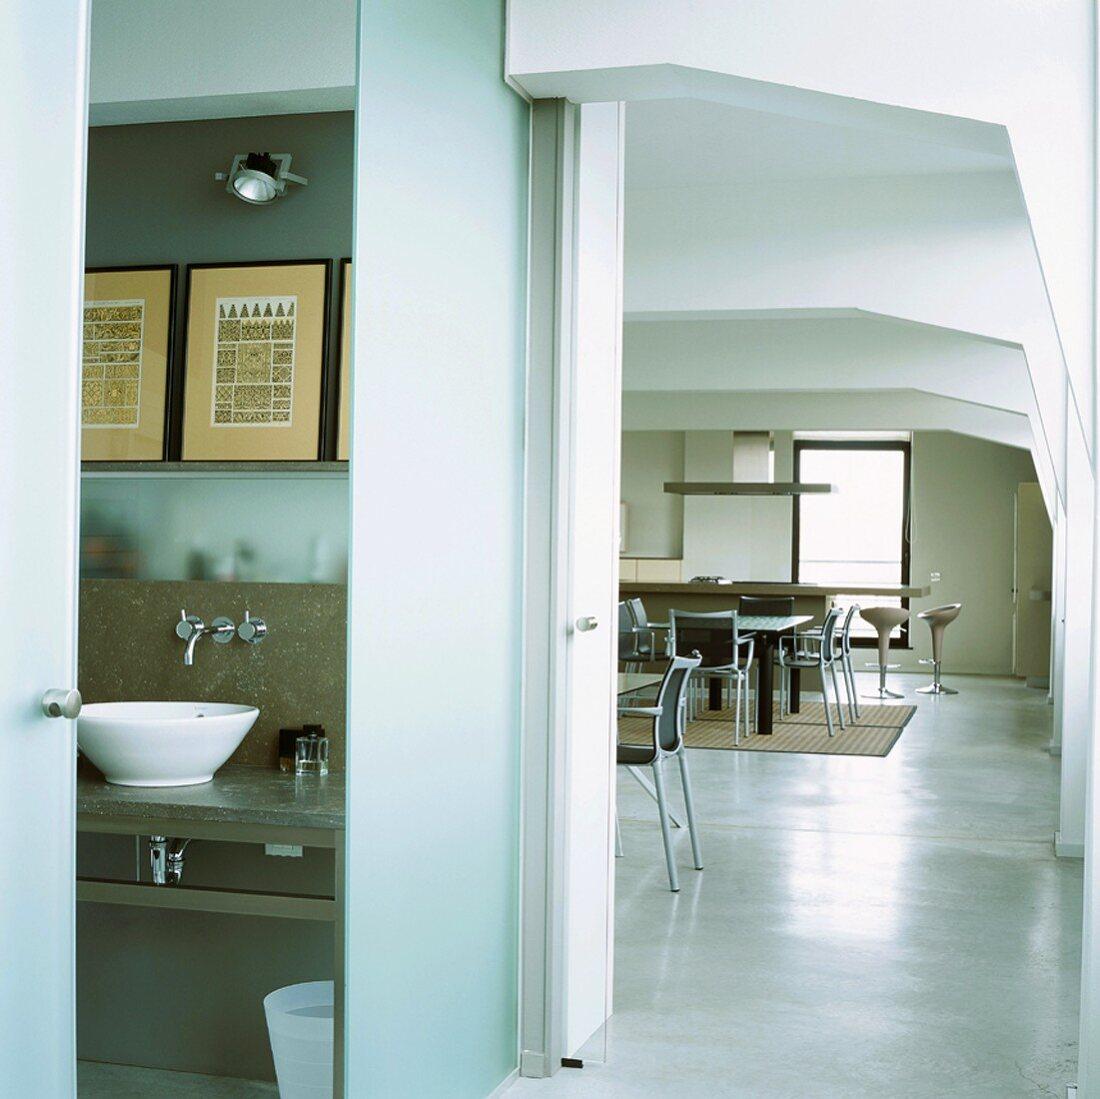 Blick ins Badezimmer und in den Wohnraum eines Lofts mit Rippendecke